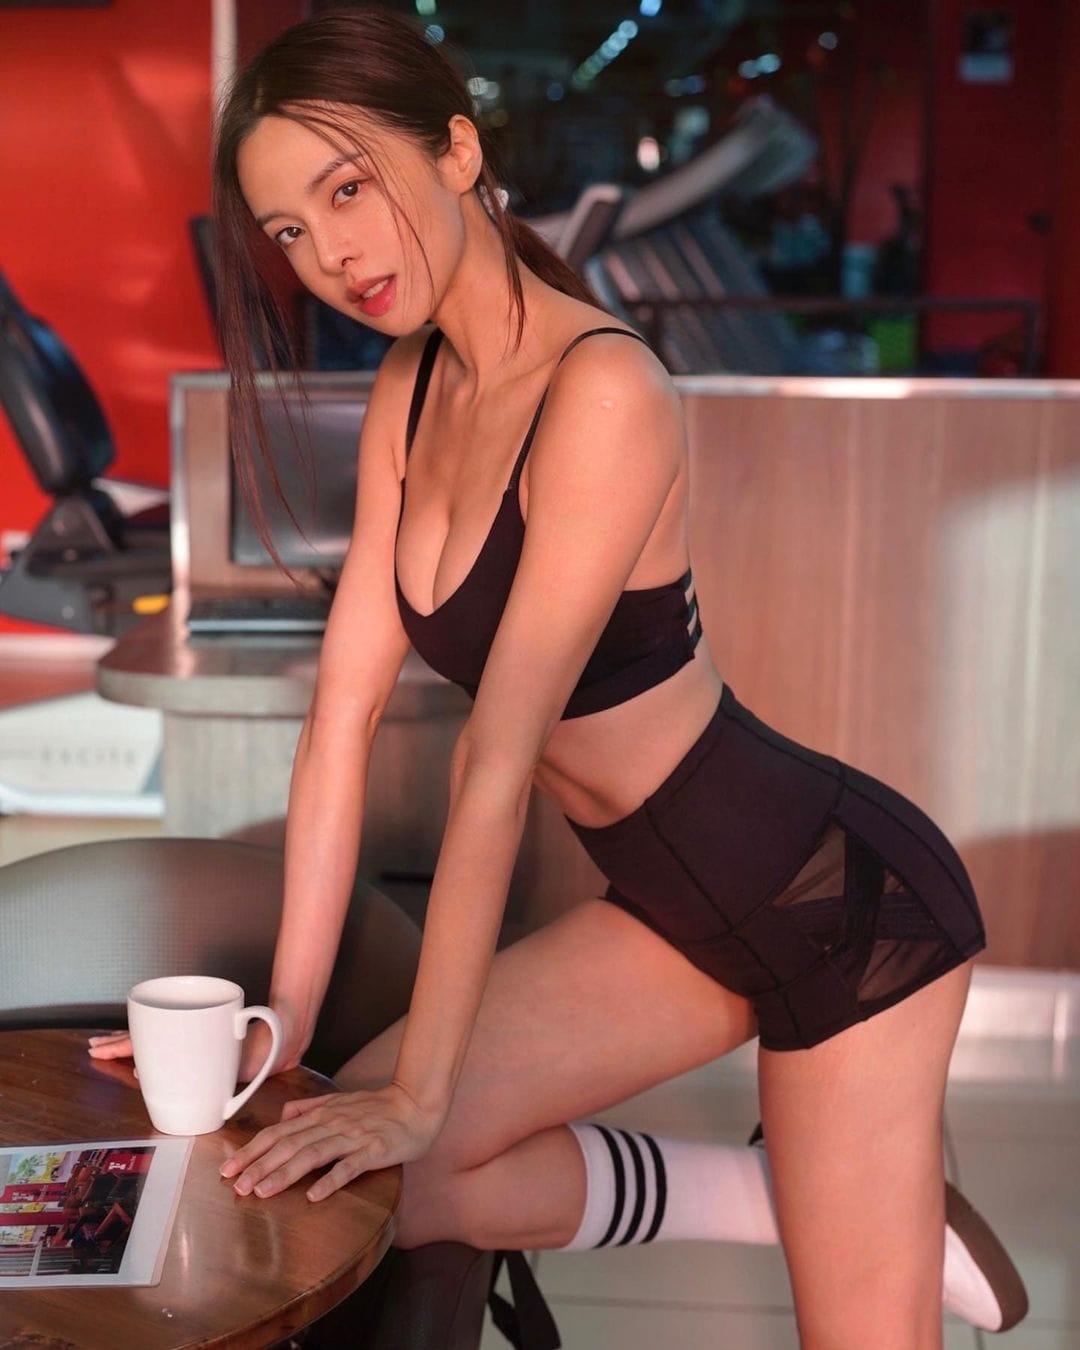 キャスリン・リー「セクシーすぎるトレーニング!」露出度高いウェアスタイルを大量投下【画像8枚】の画像004